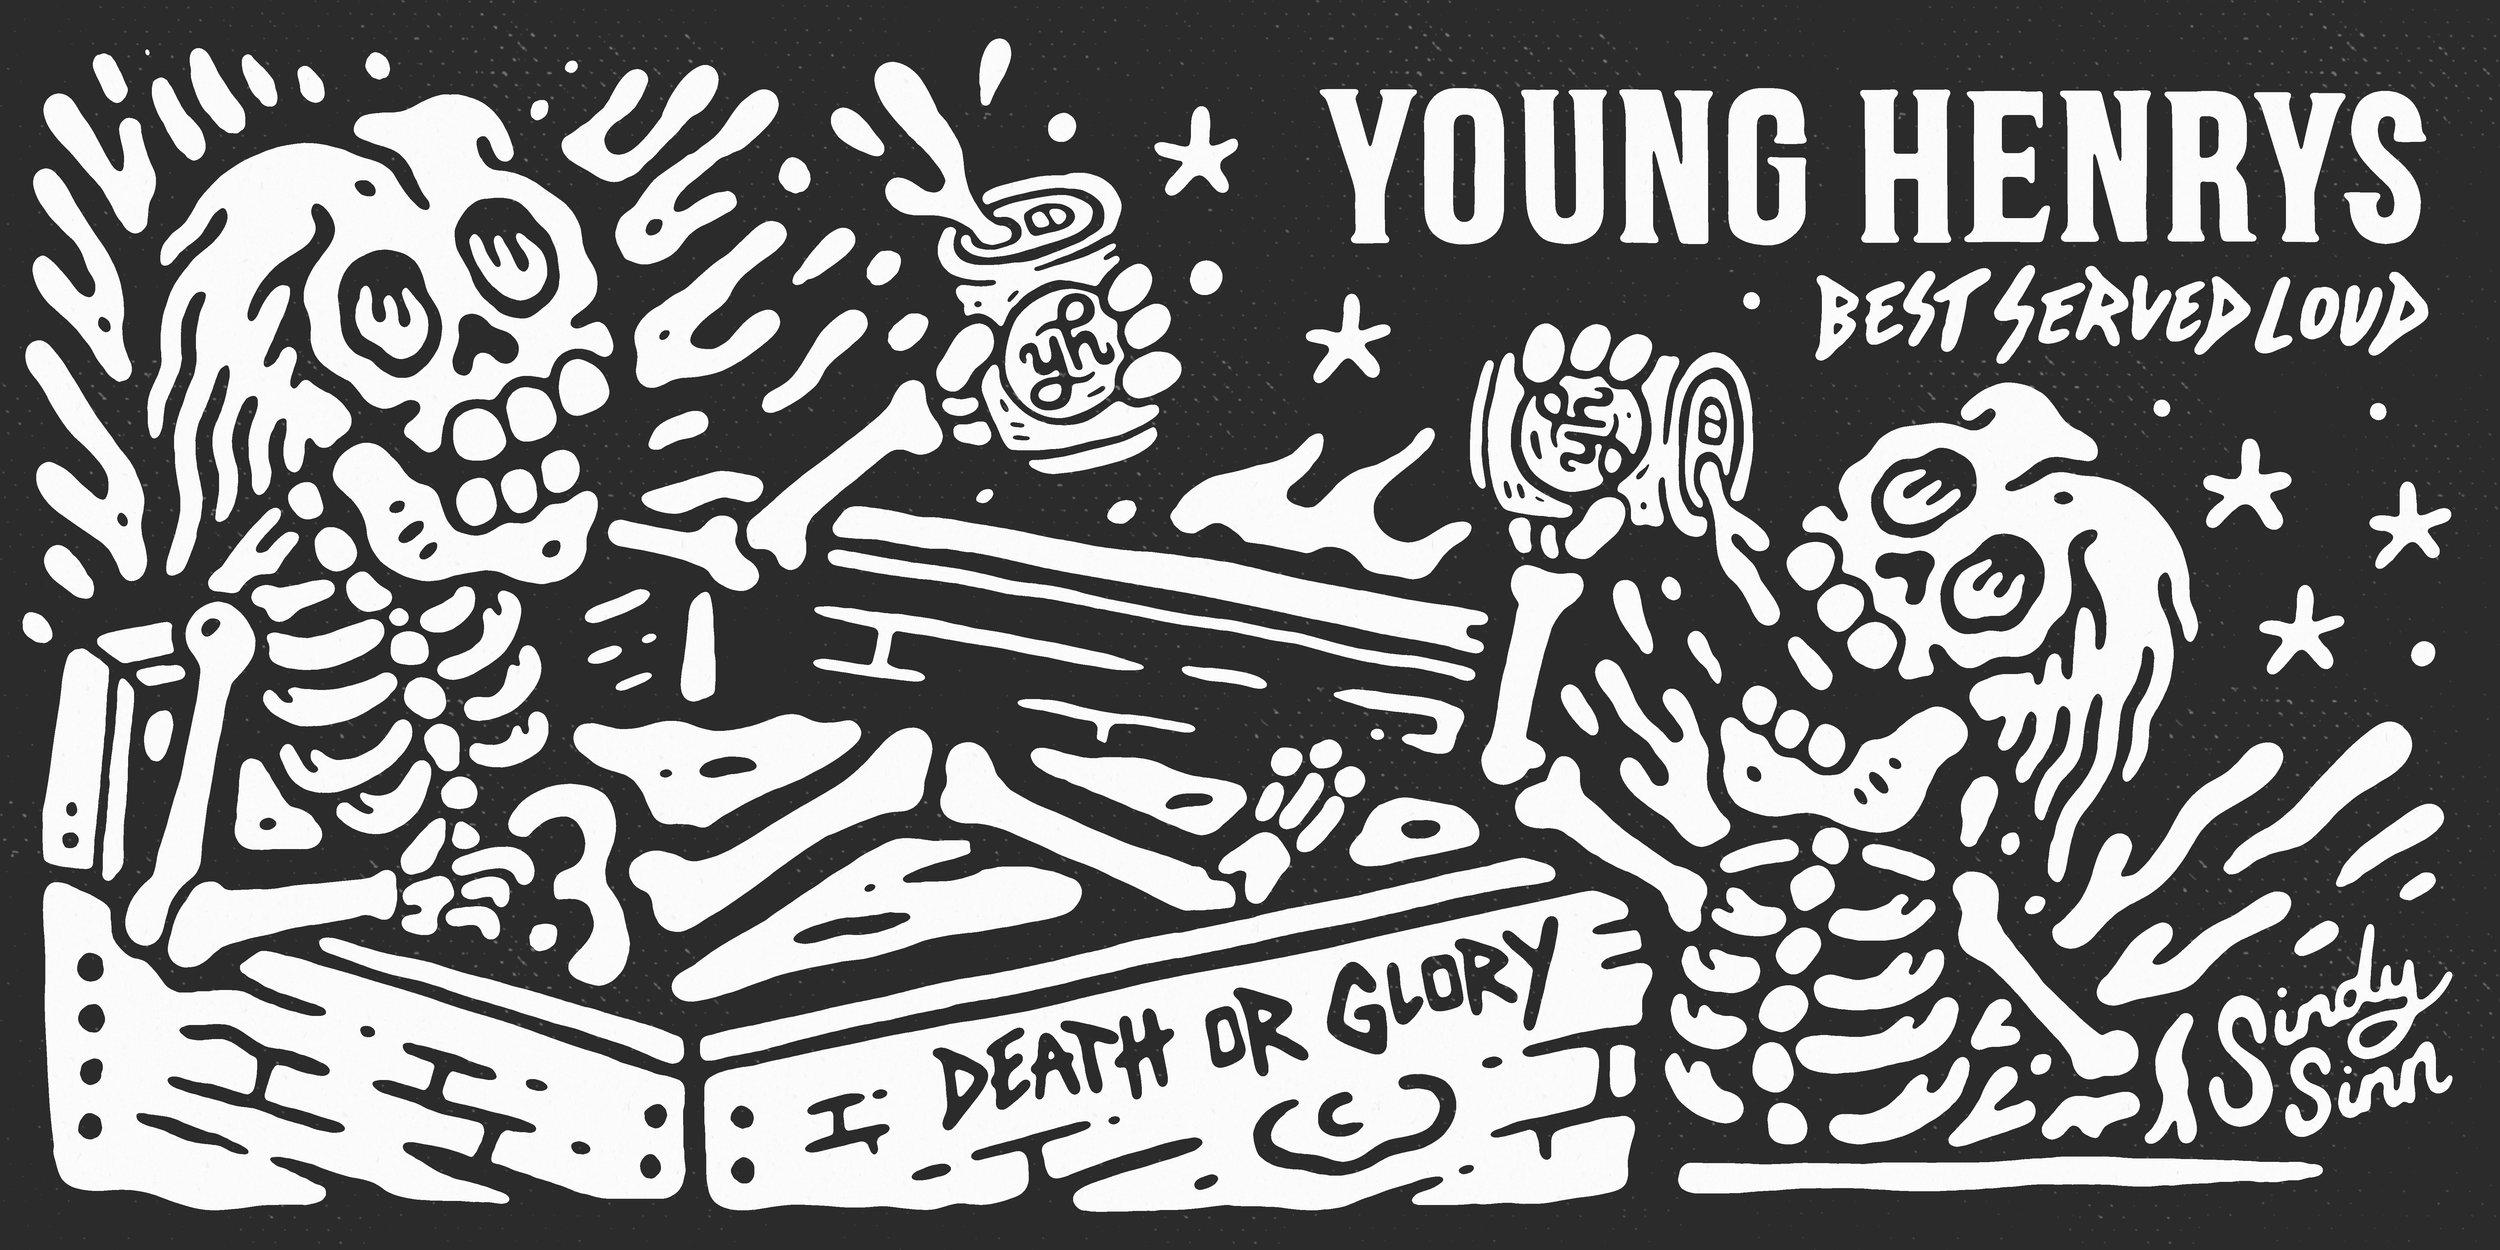 YH DEATH OR GLORY - CLEANSTAGRAM.jpg